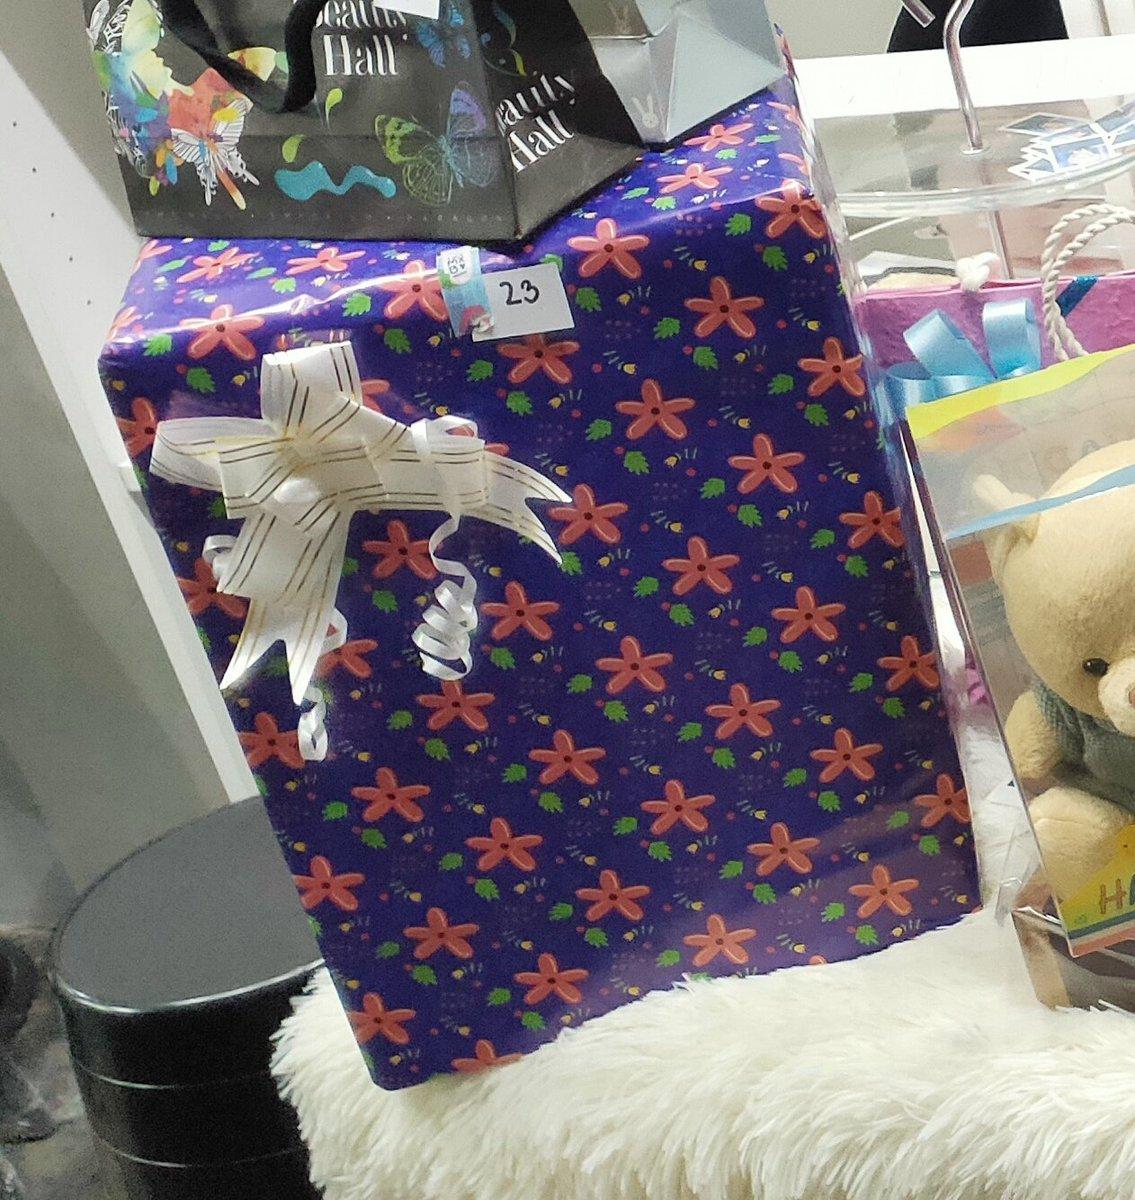 ใครได้ของขวัญกล่องม่วง มารีวิวหน่อยเร็วววว อิอิ #H_ONE1501party